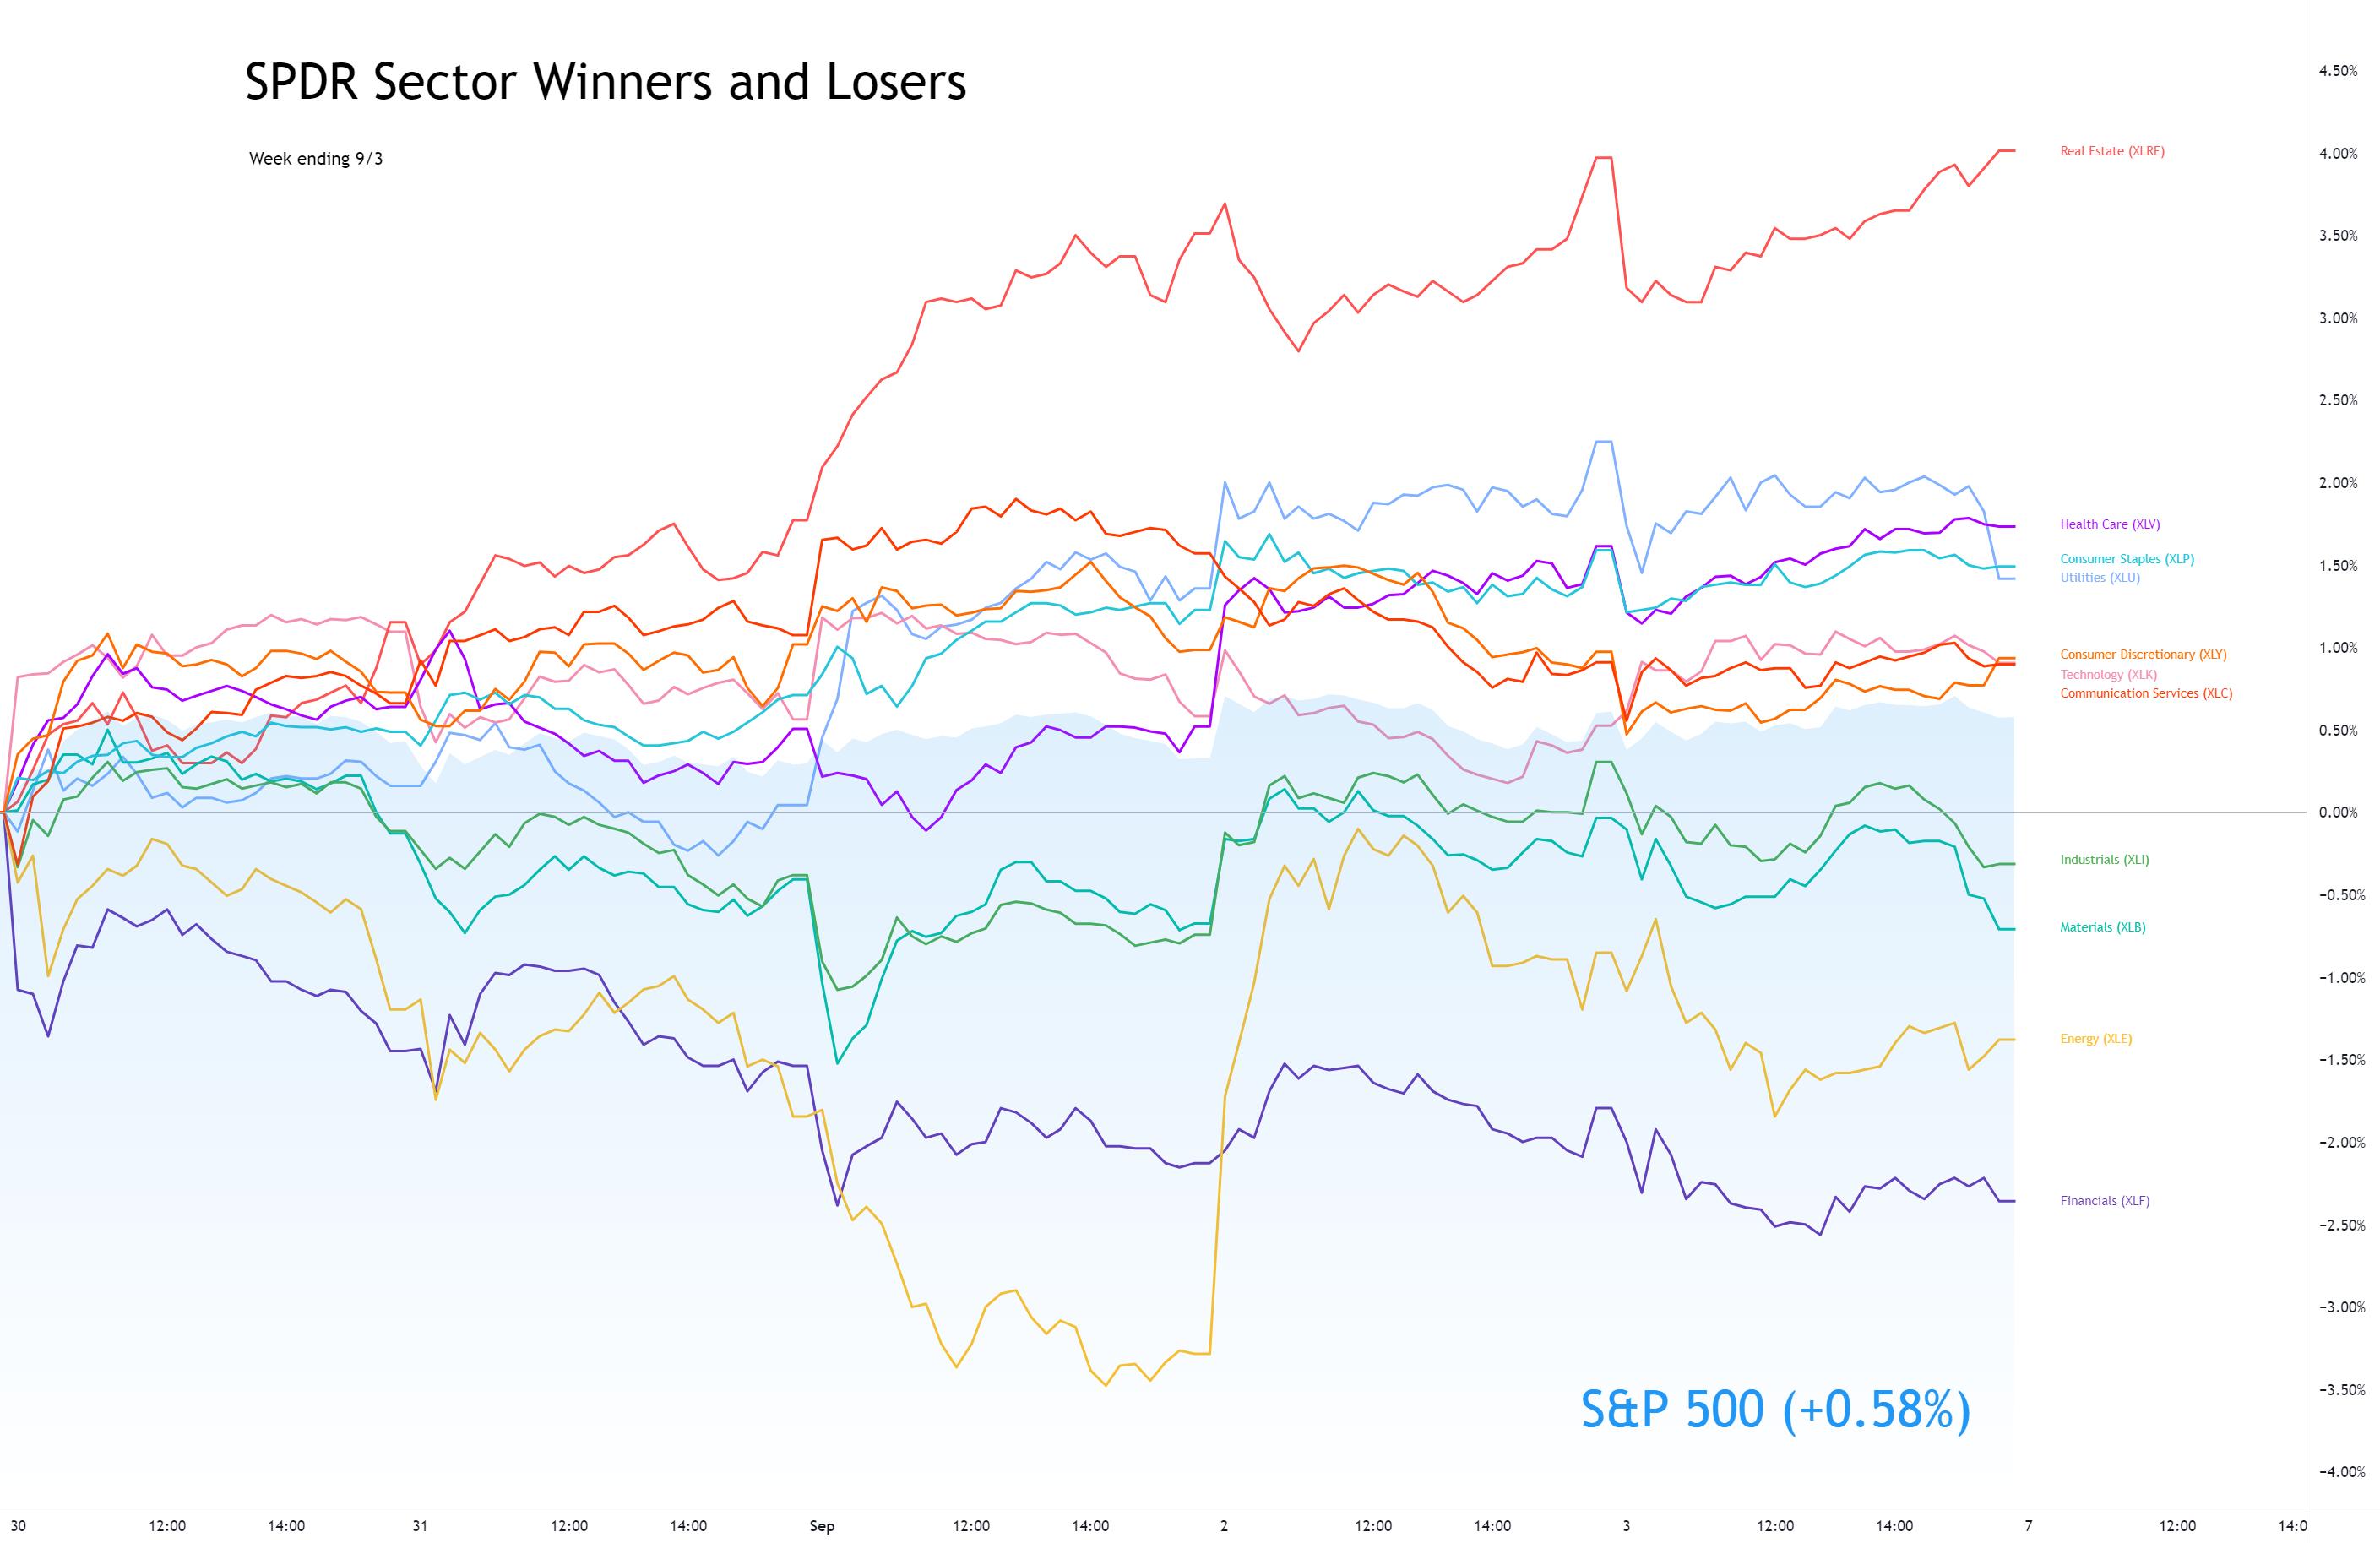 Sector Winners and Losers week ending 9/3